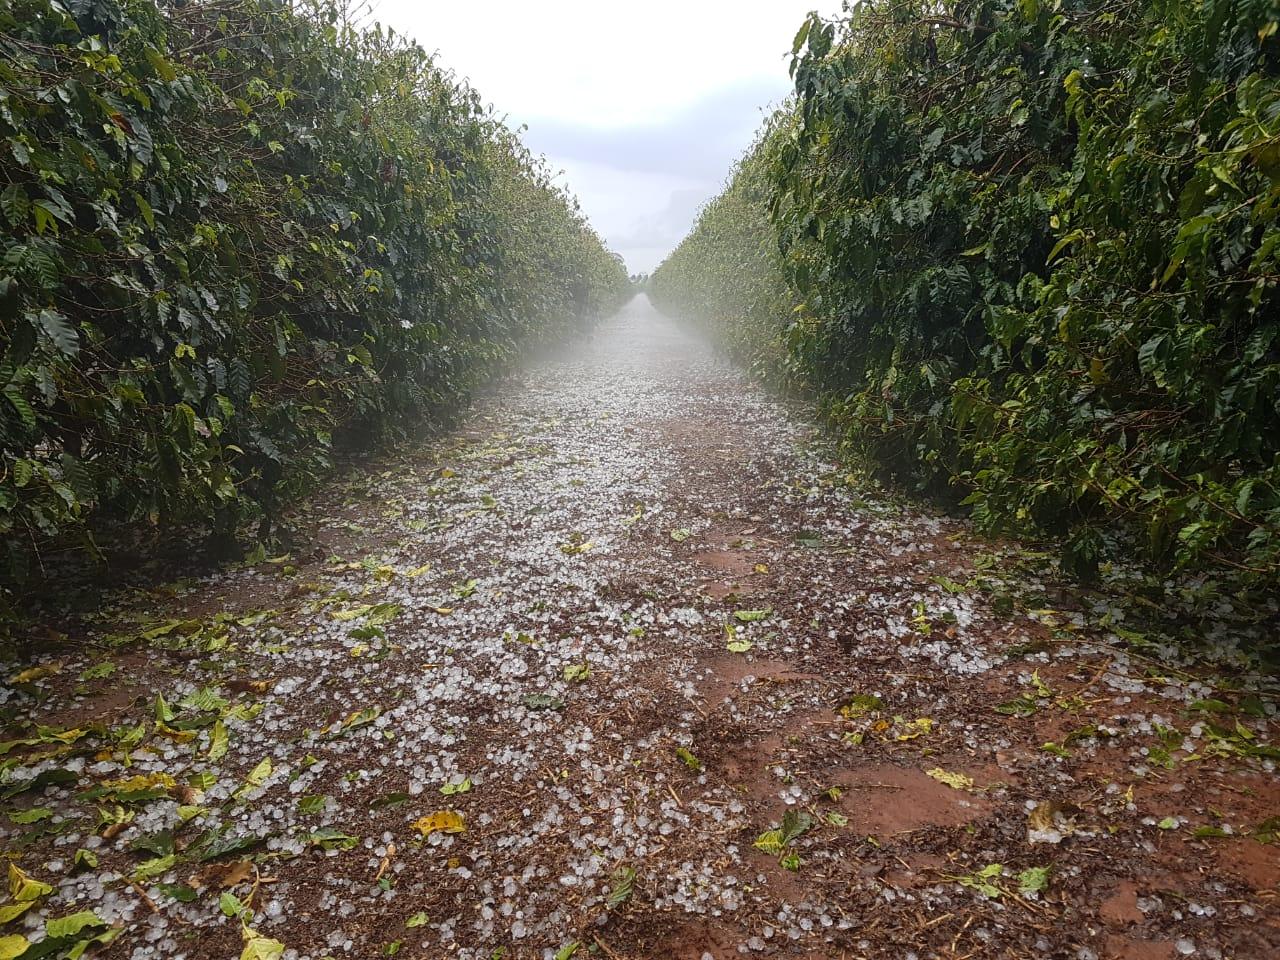 Chuva de granizo no sábado (15) em Patrocínio (MG) - Foto: Reprodução/ Redes sociais